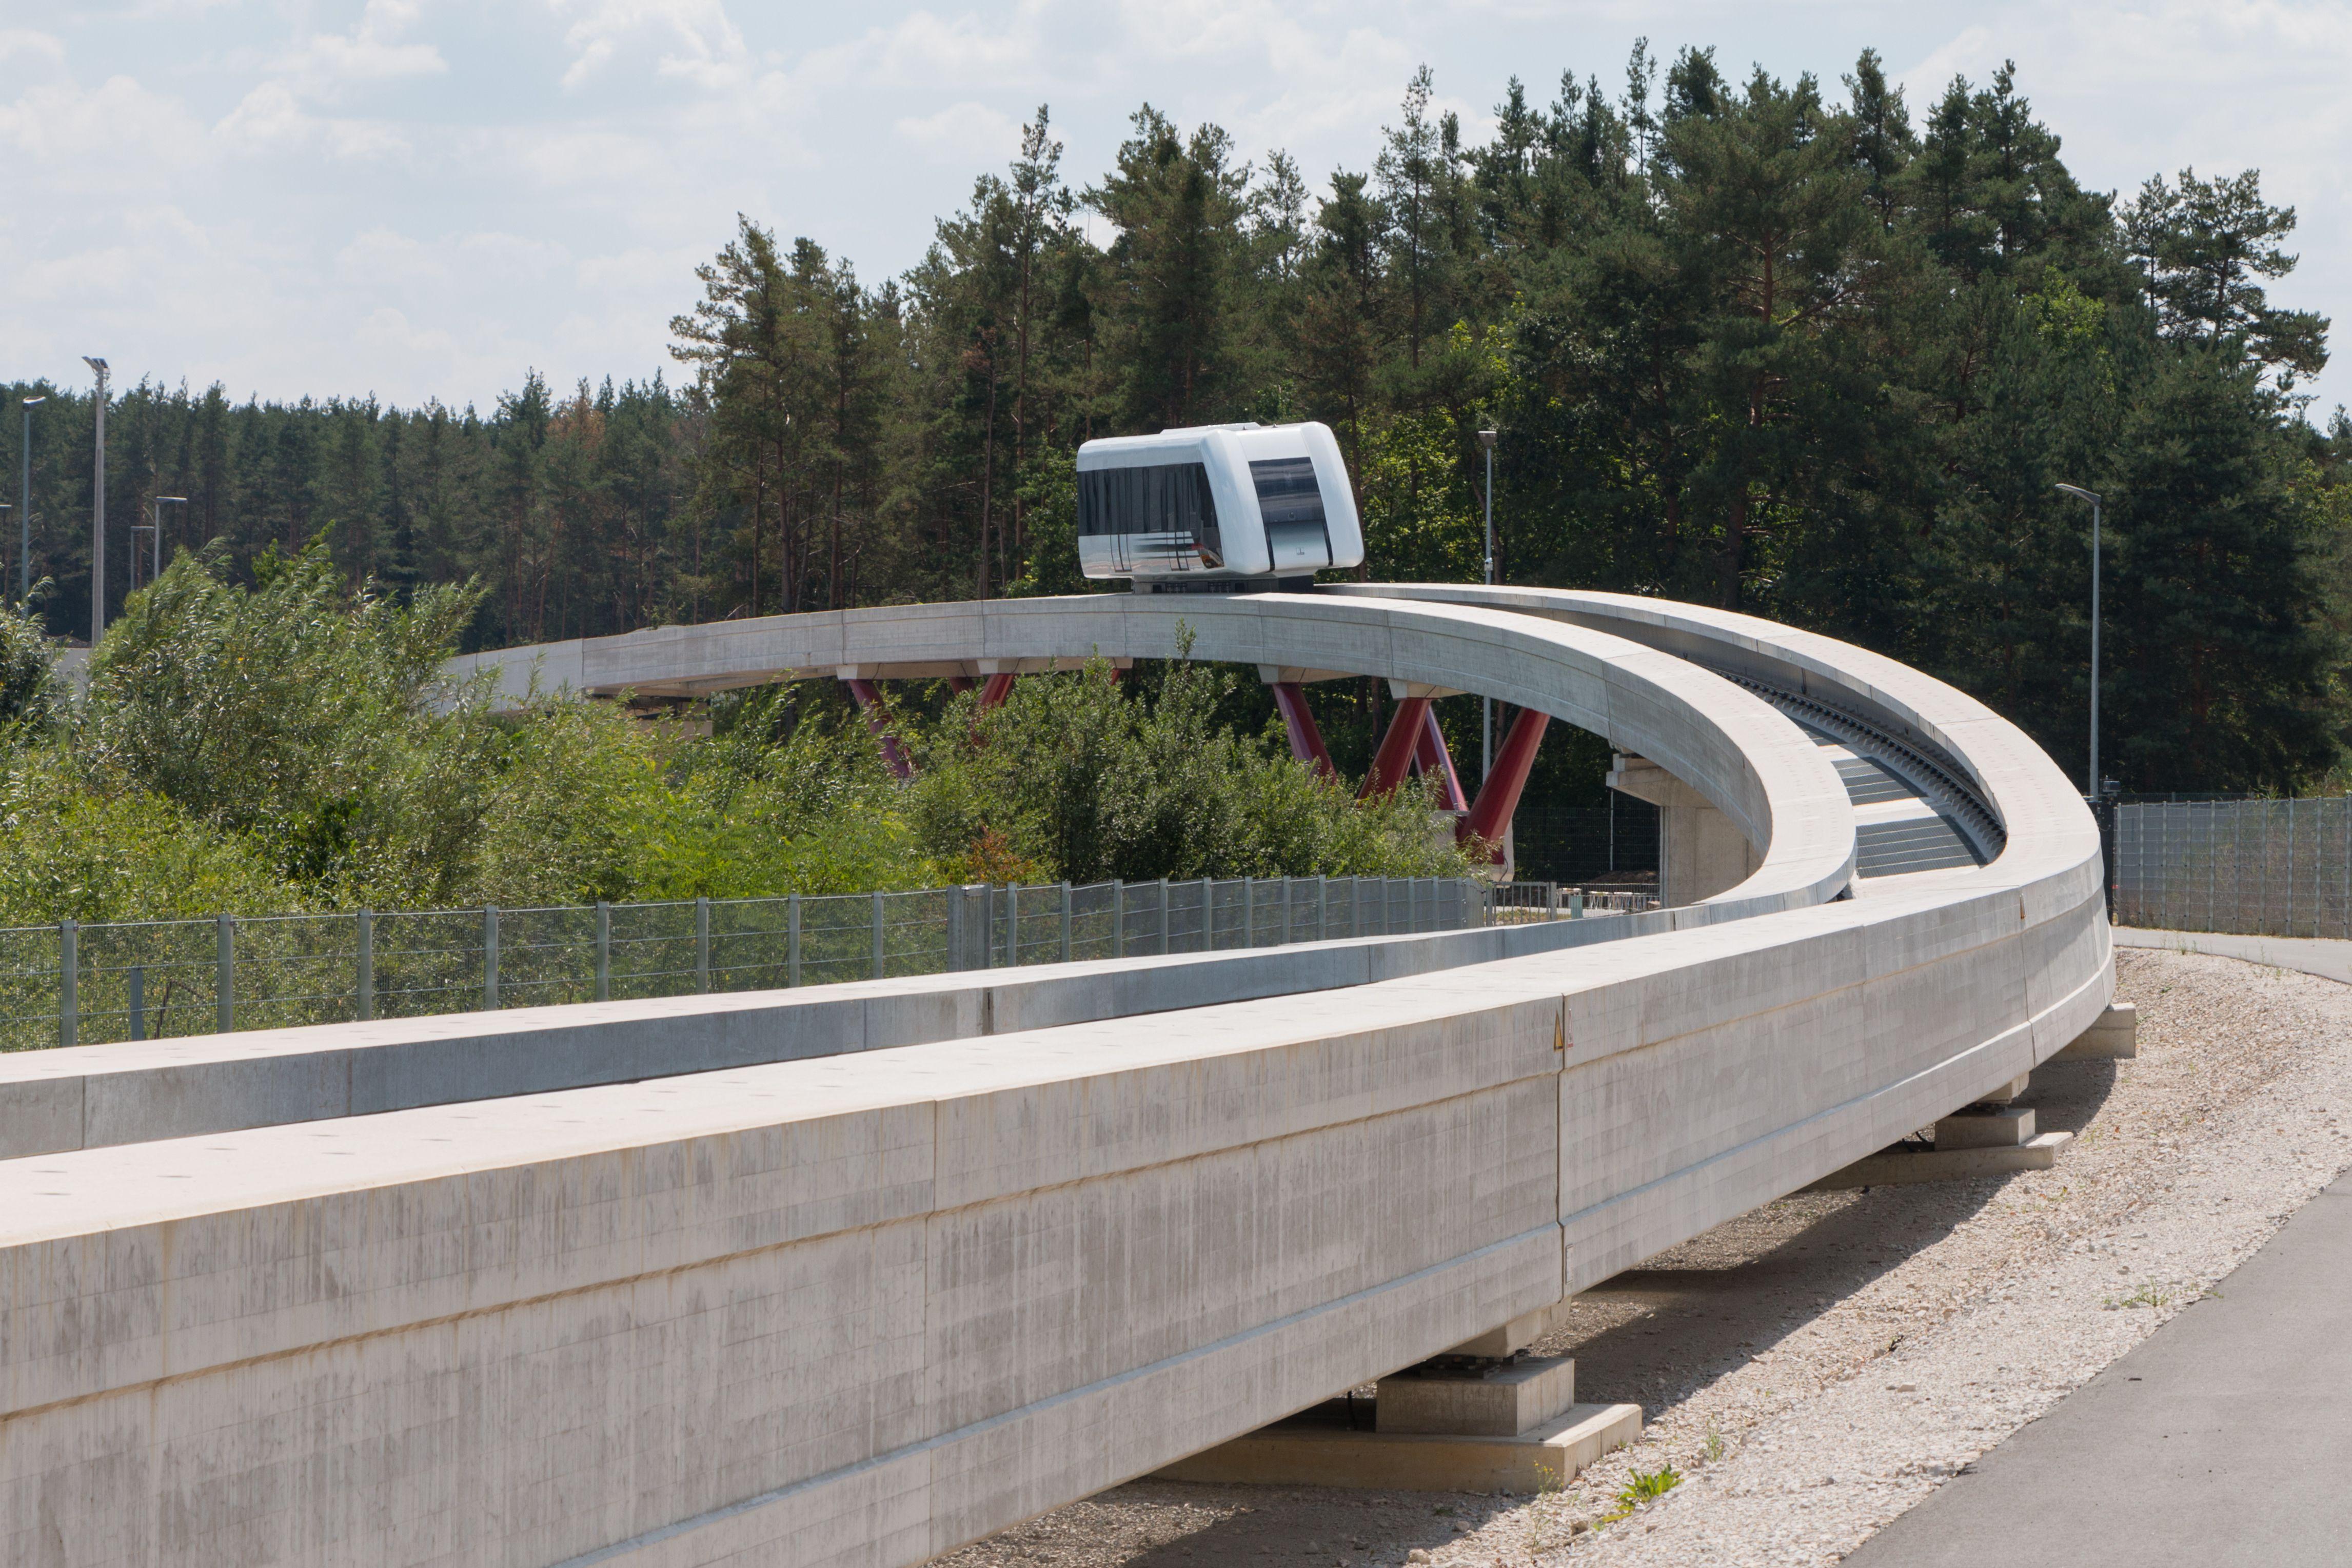 Bayern: Max Bögl baut eine Magnetschwebebahn für den ÖPNV - Der Fahrweg ist filigraner als der des Transrapid ... (Bild: Werner Pluta/Golem.de)